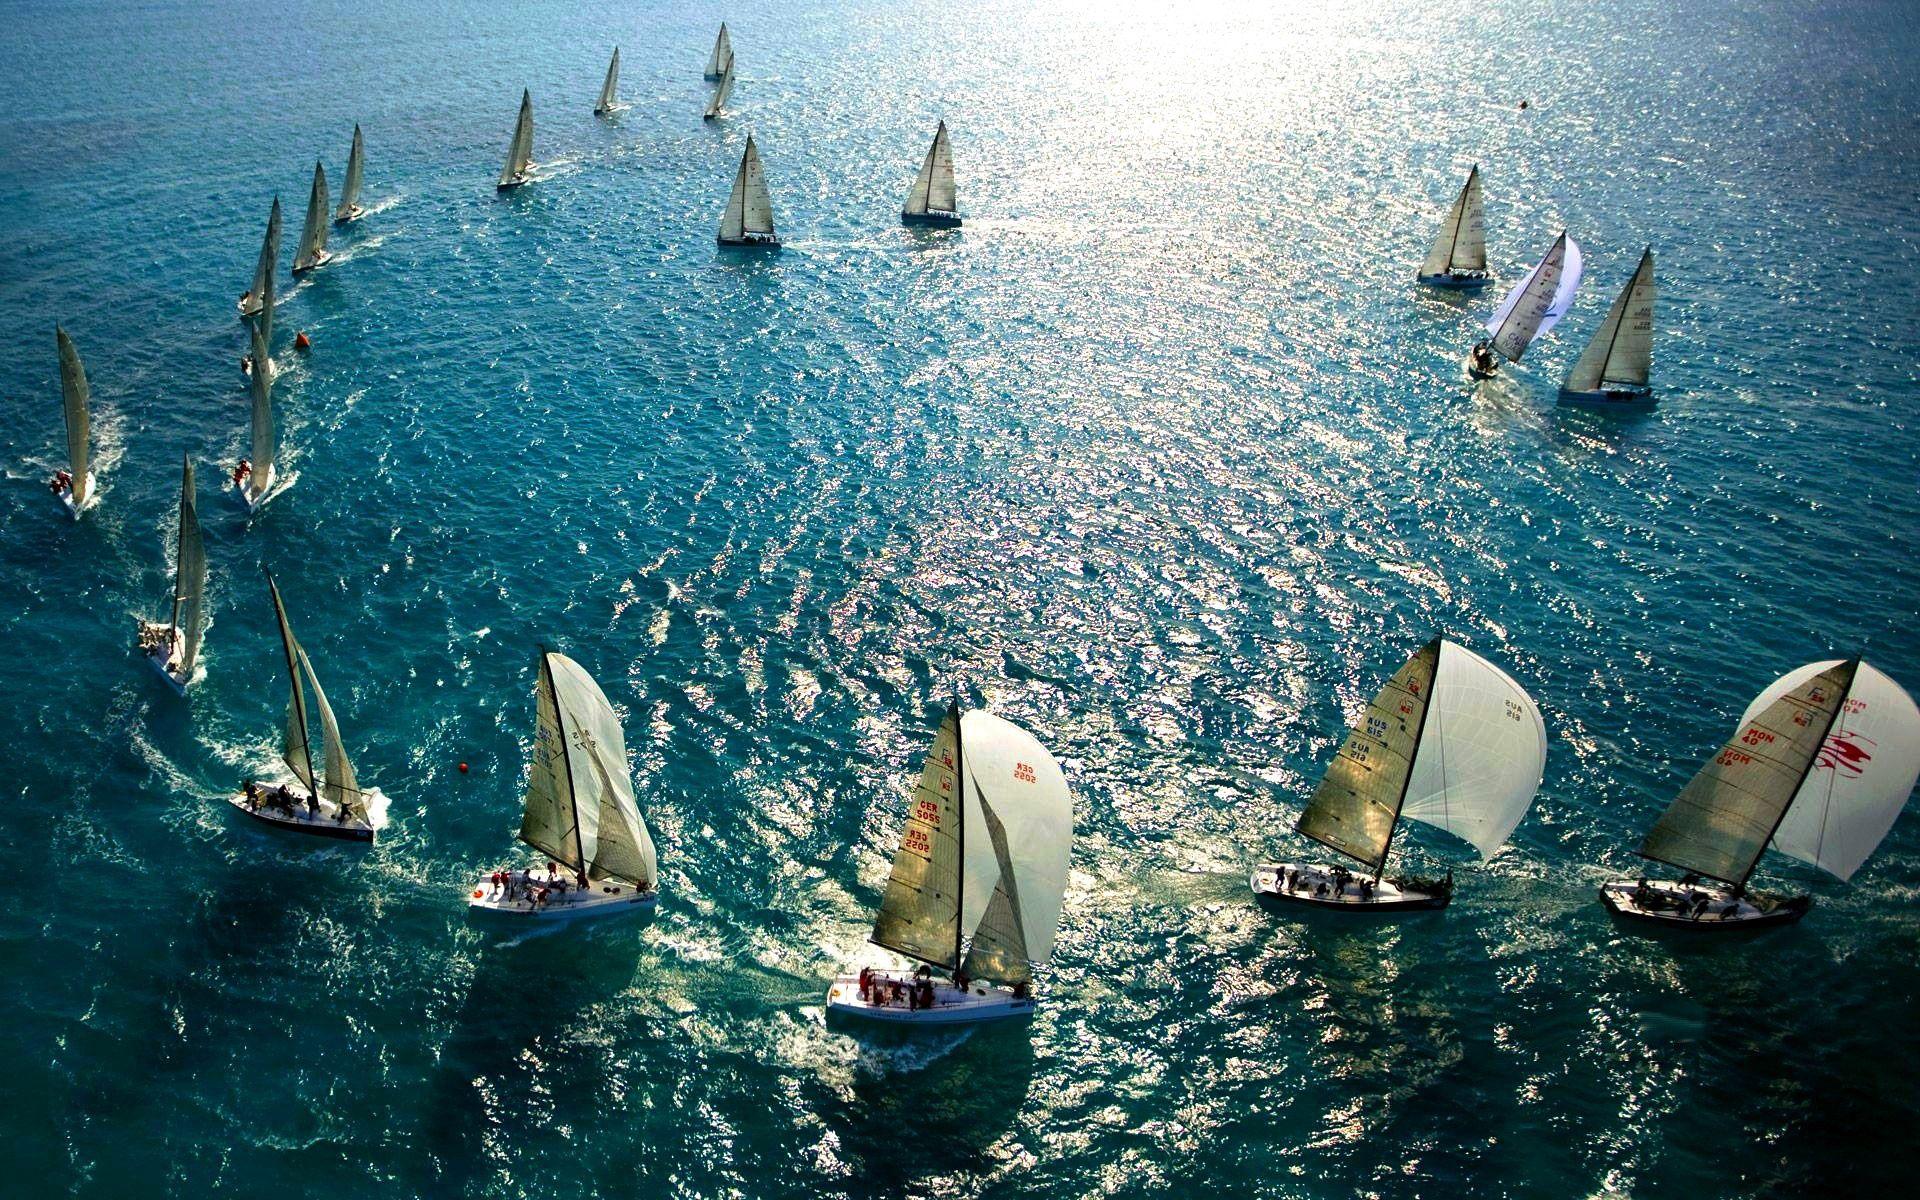 111487 Заставки и Обои Яхты на телефон. Скачать Спорт, Паруса, Мачты, Океан, Море, Яхты картинки бесплатно